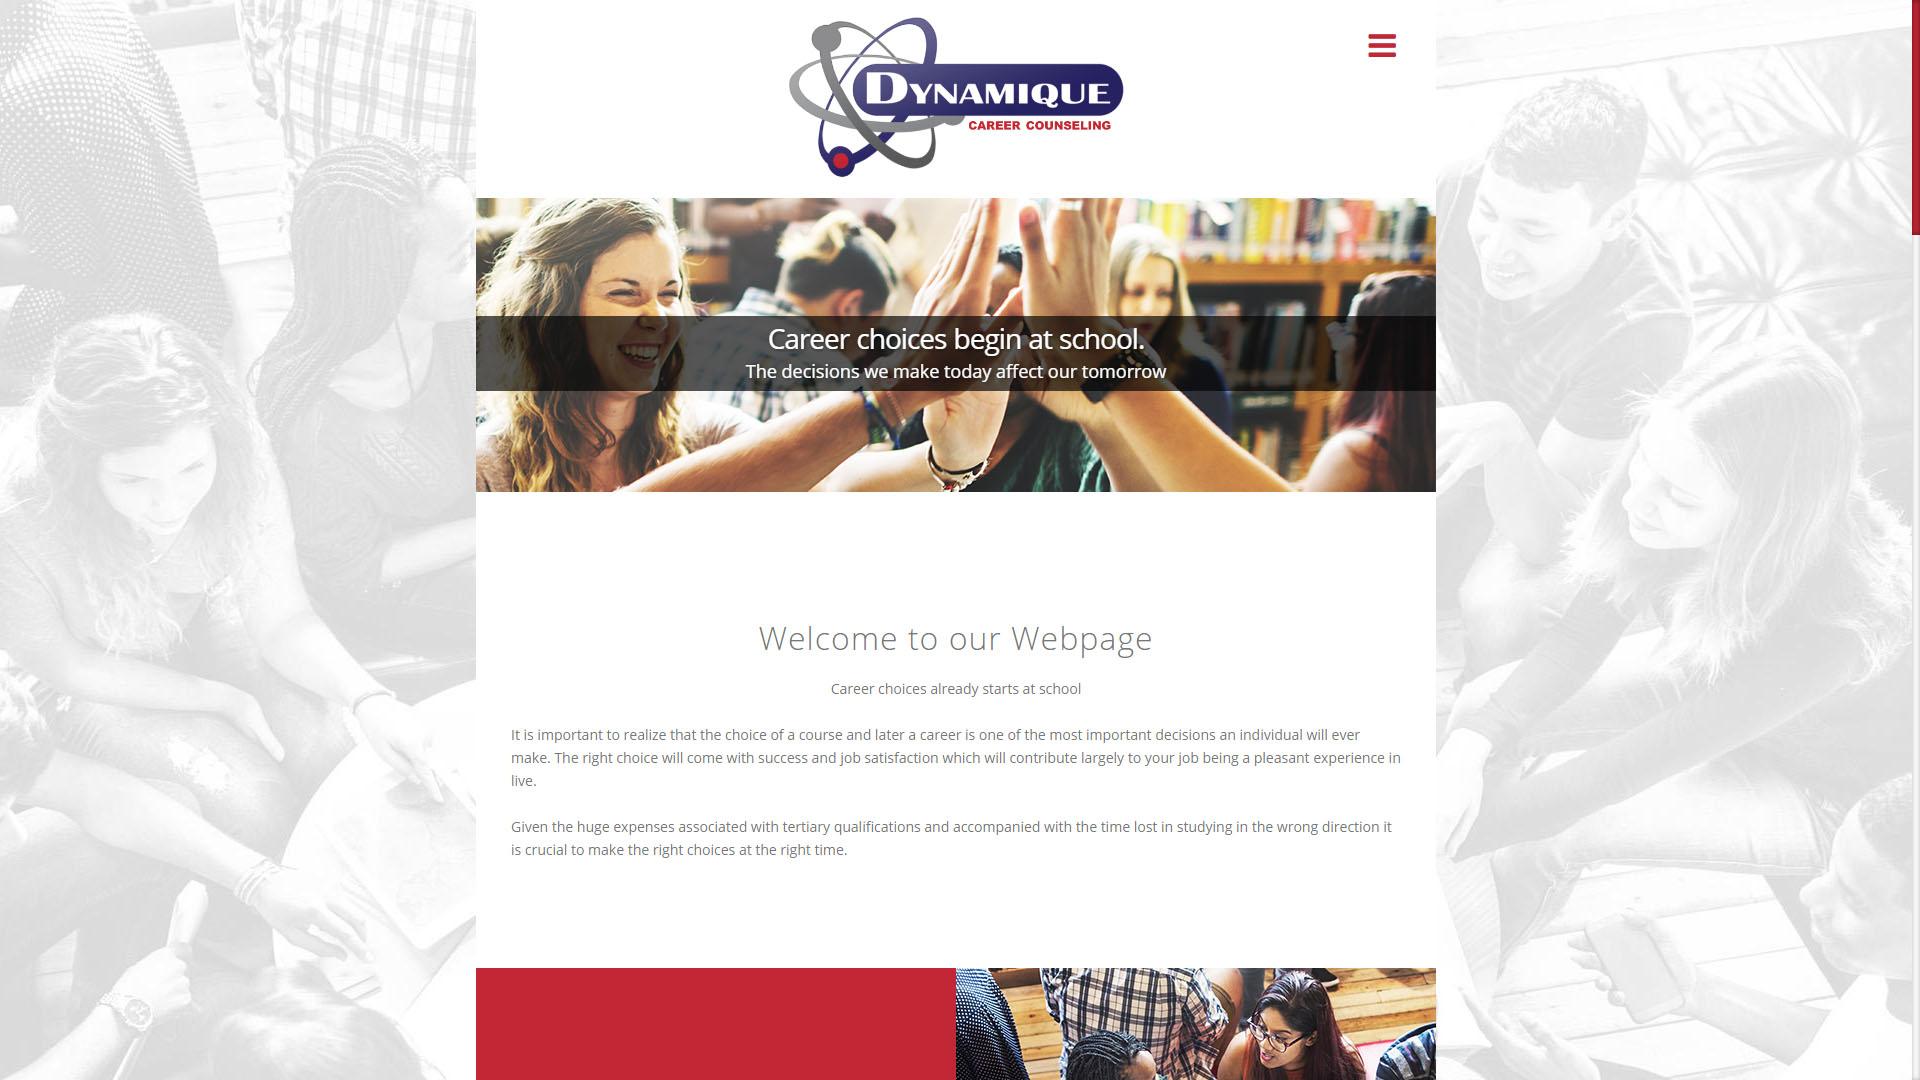 Dynamique Website